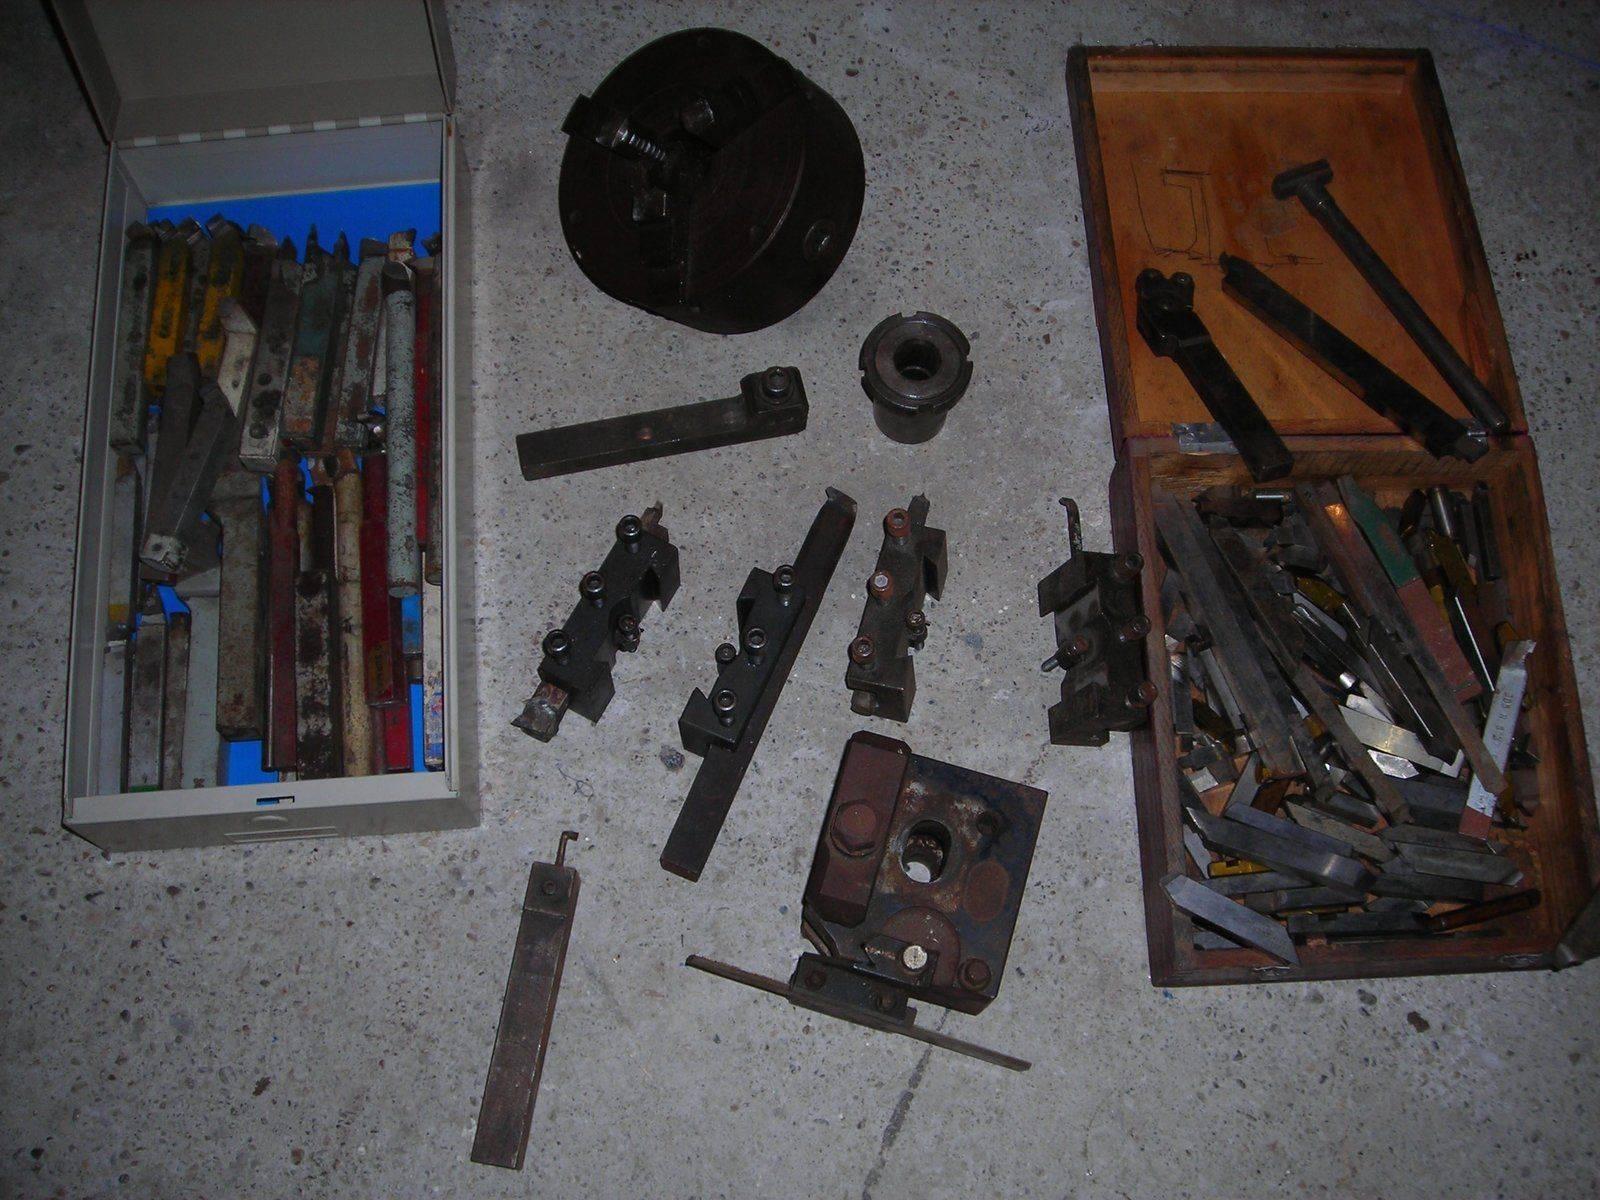 Vue de tous les outils.jpg